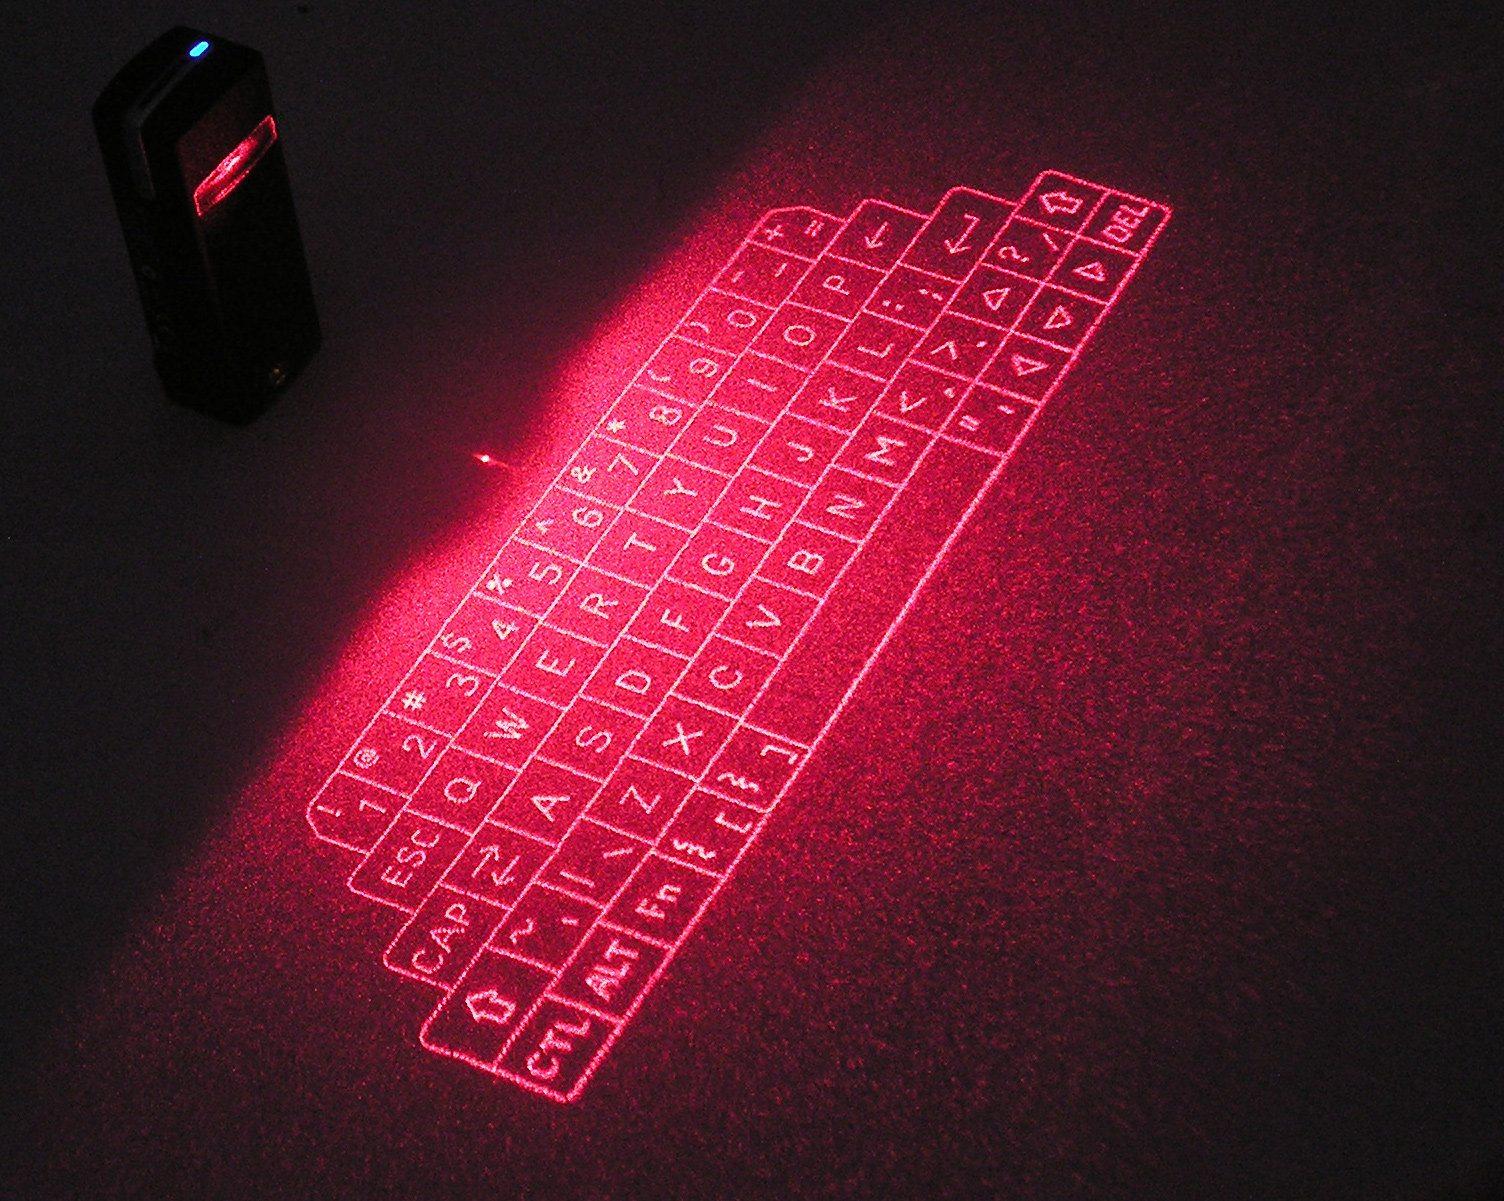 лазерной клавиатурой нового поколения Laser Virtual Keyboard